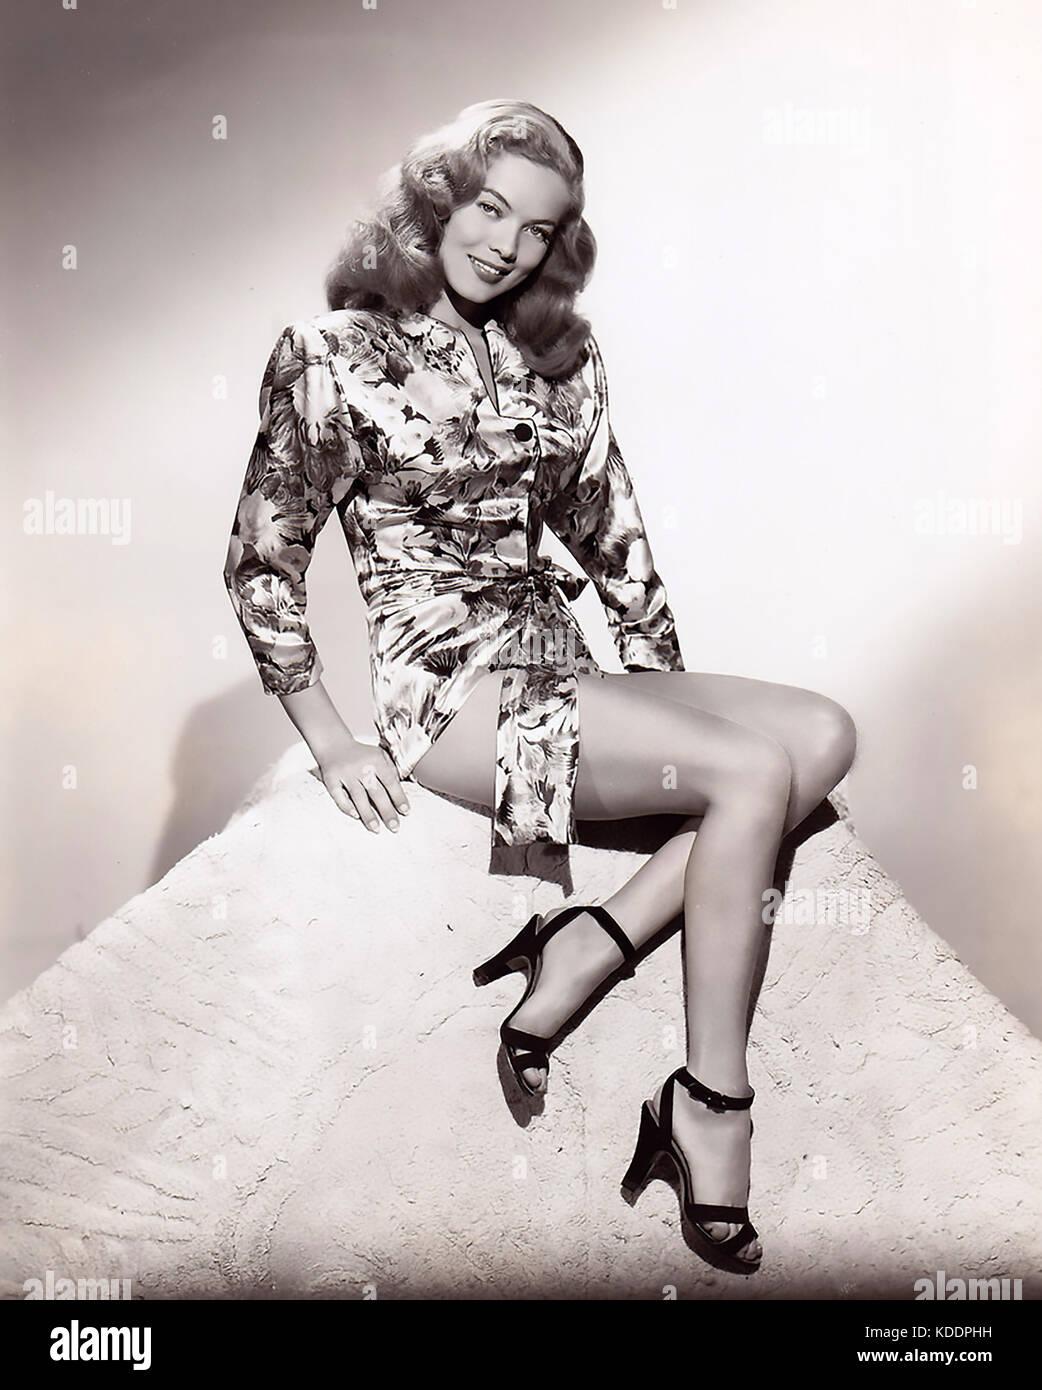 Catalina (actress) images